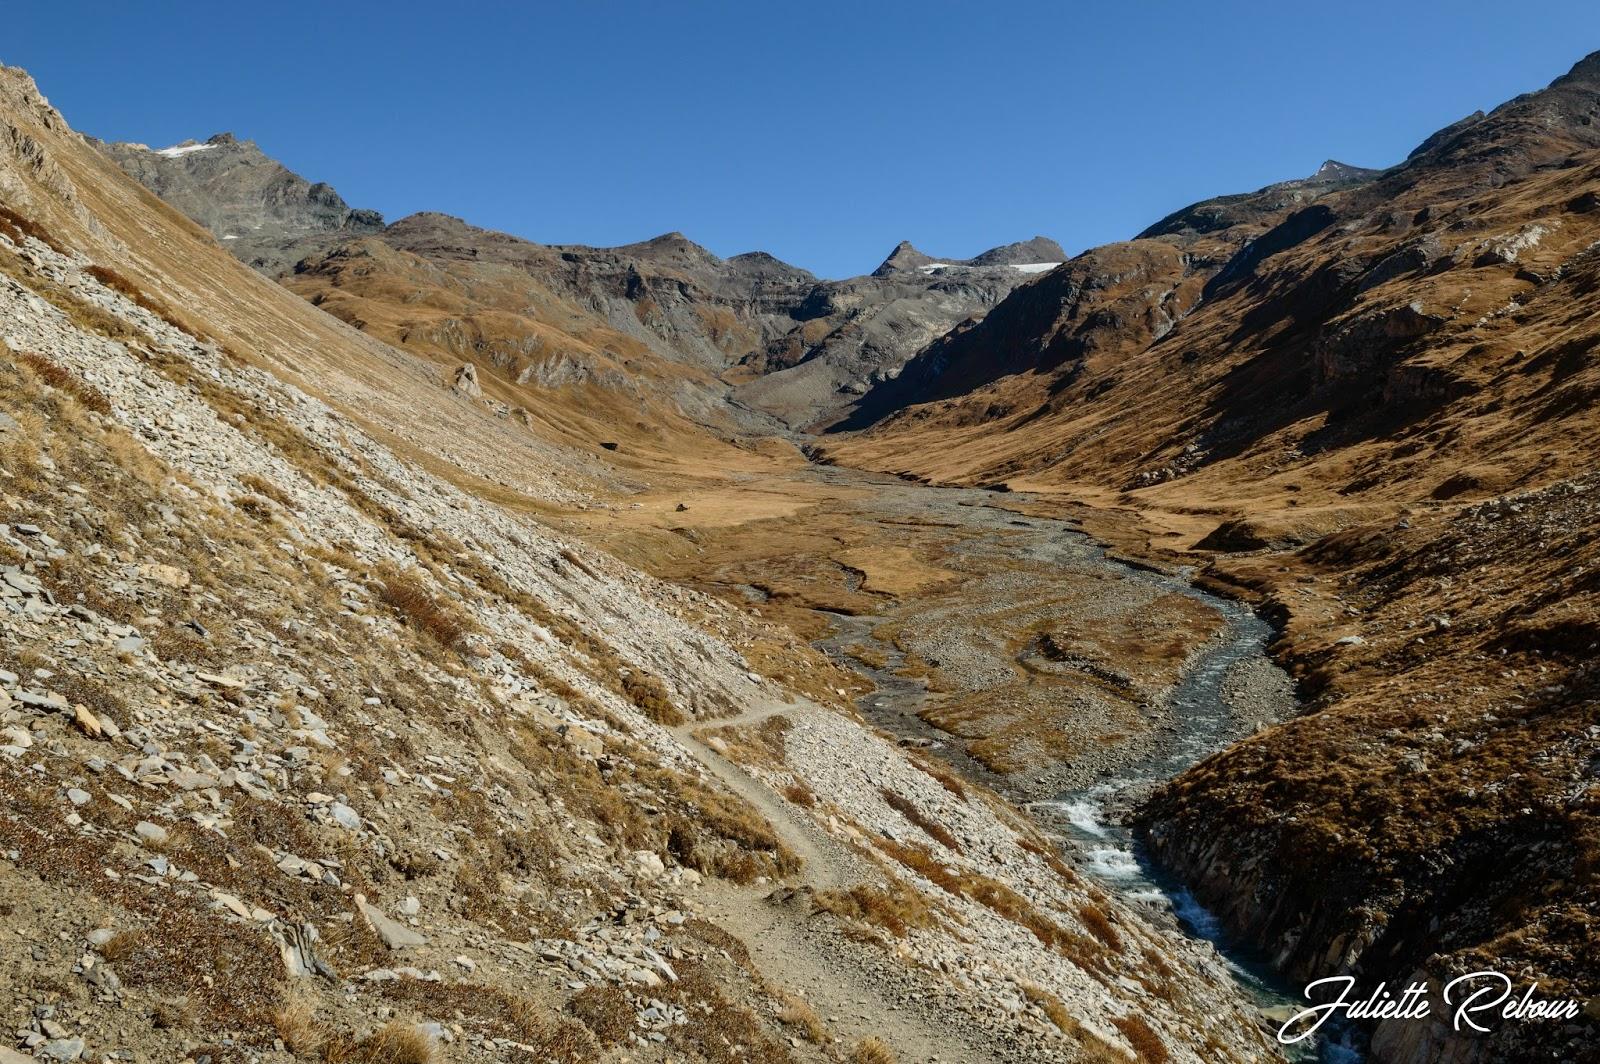 La plaine du Prariond, Parc National de la Vanoise